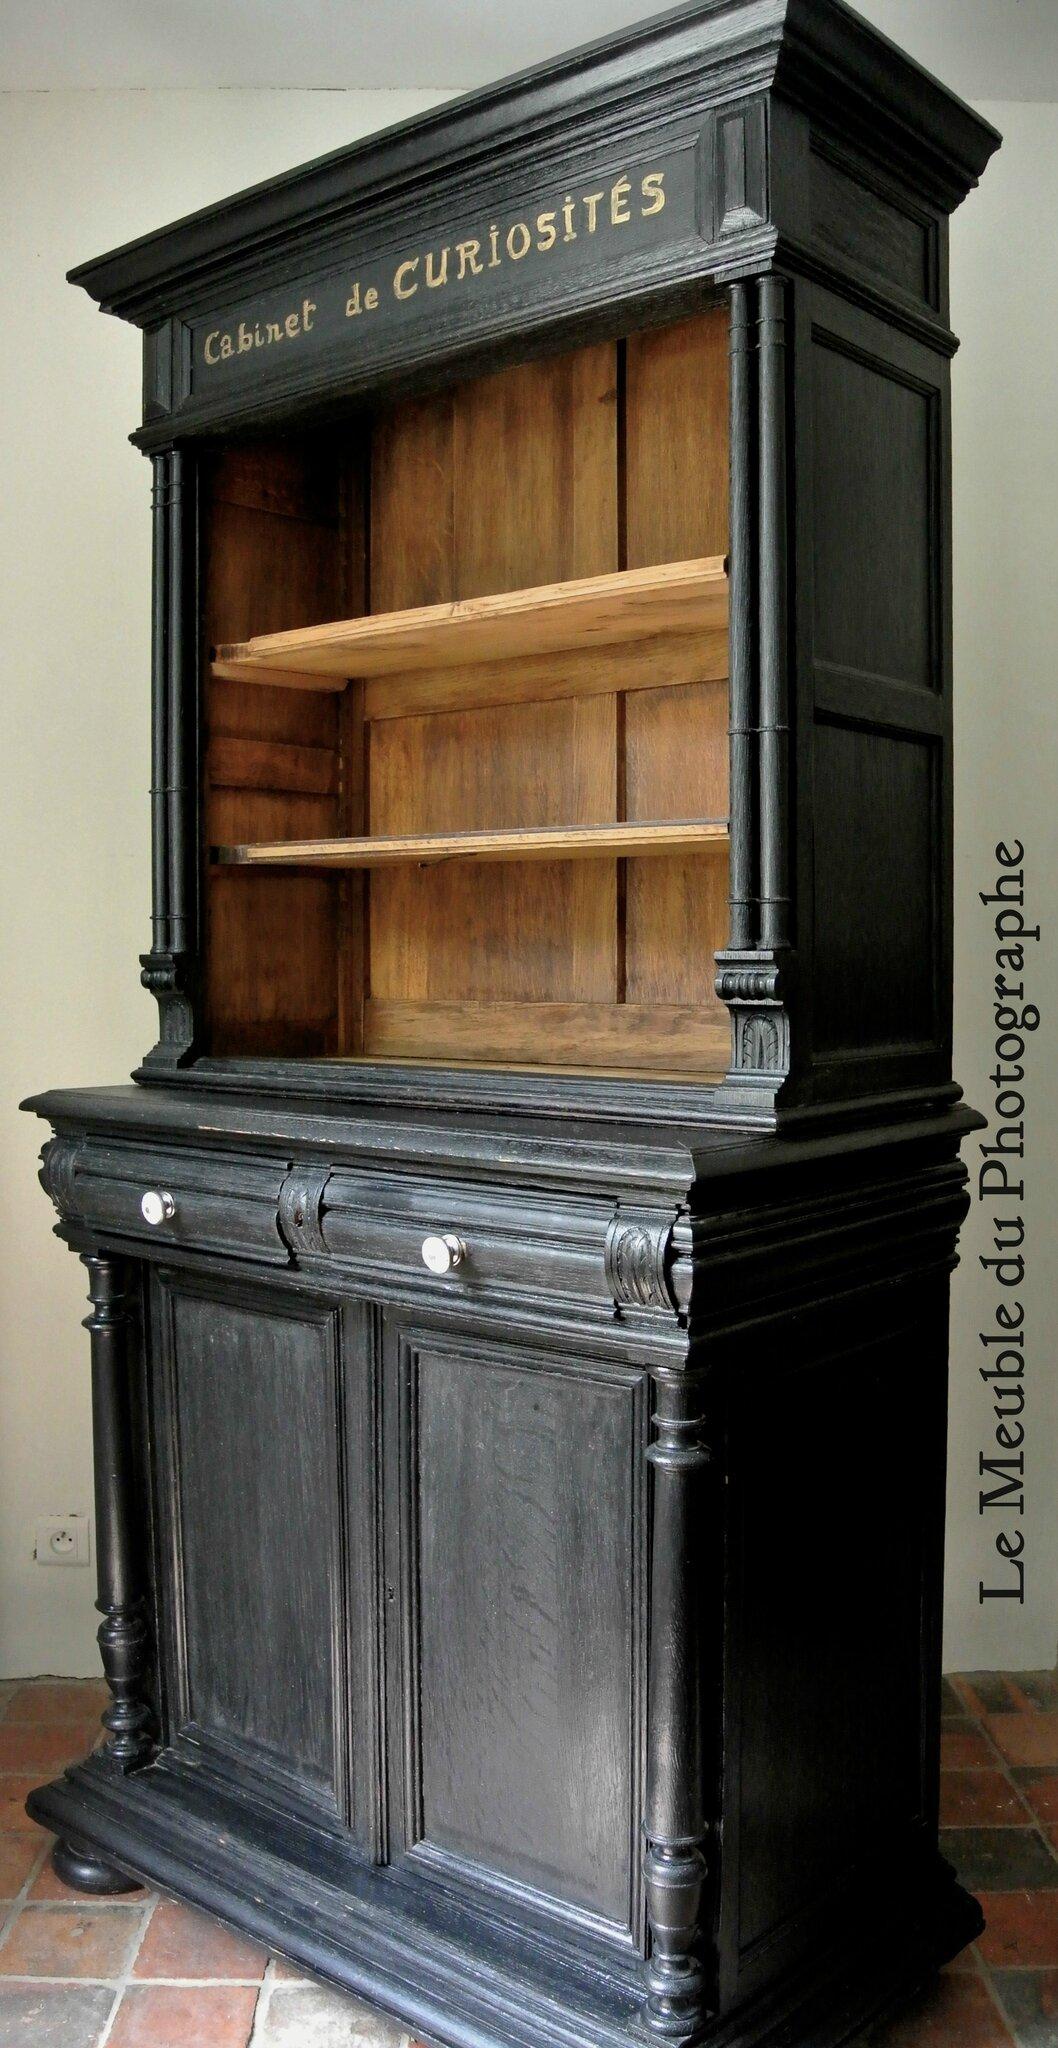 Cabinet de curiosités meuble